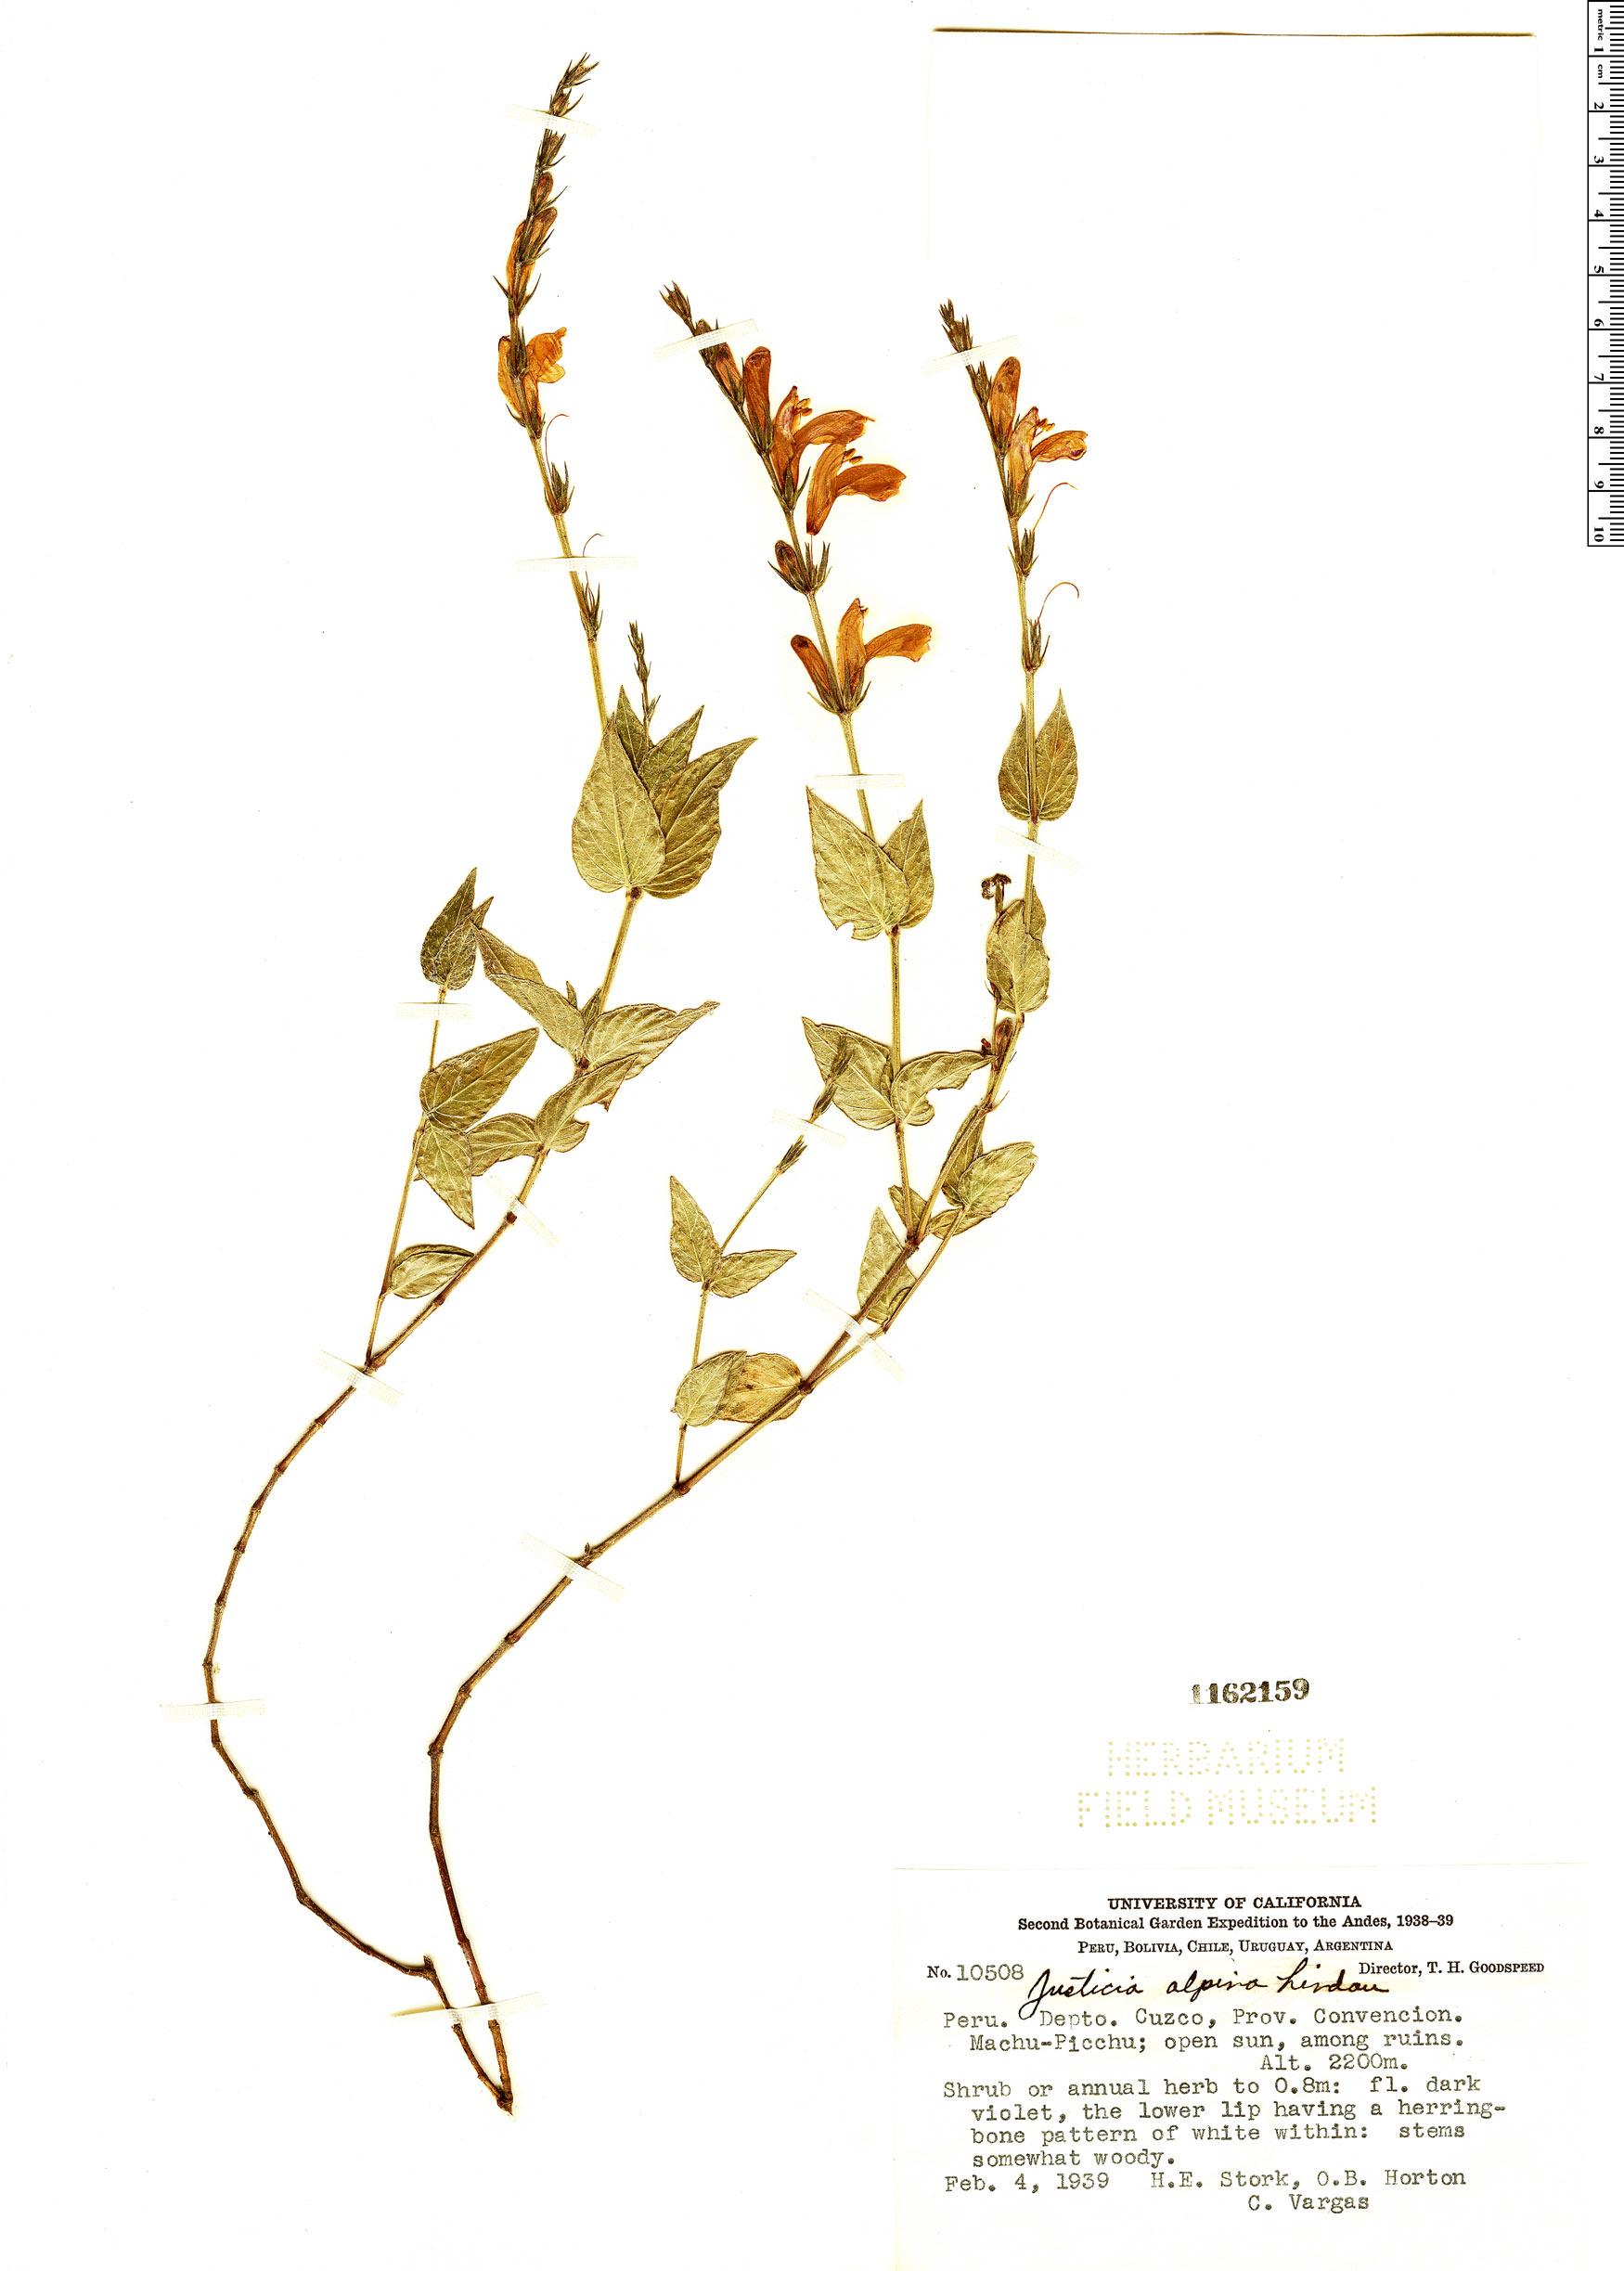 Specimen: Justicia alpina